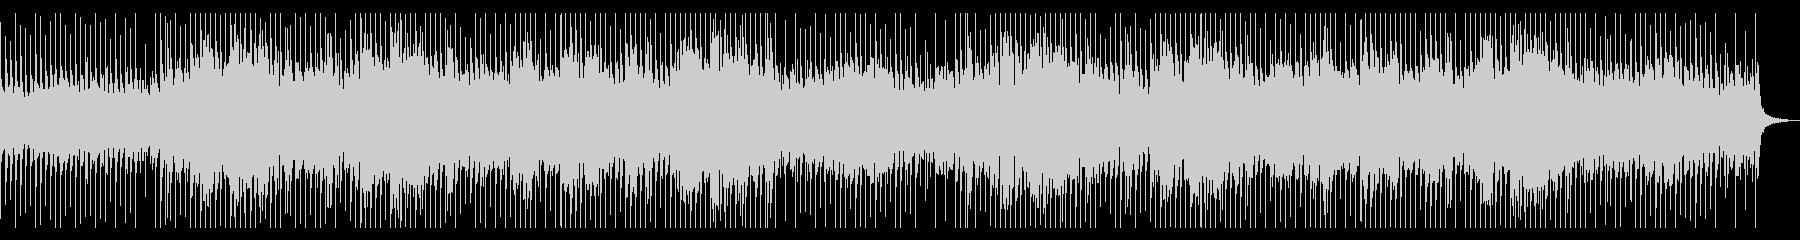 ロックテイストのポジティブピアノBGMの未再生の波形